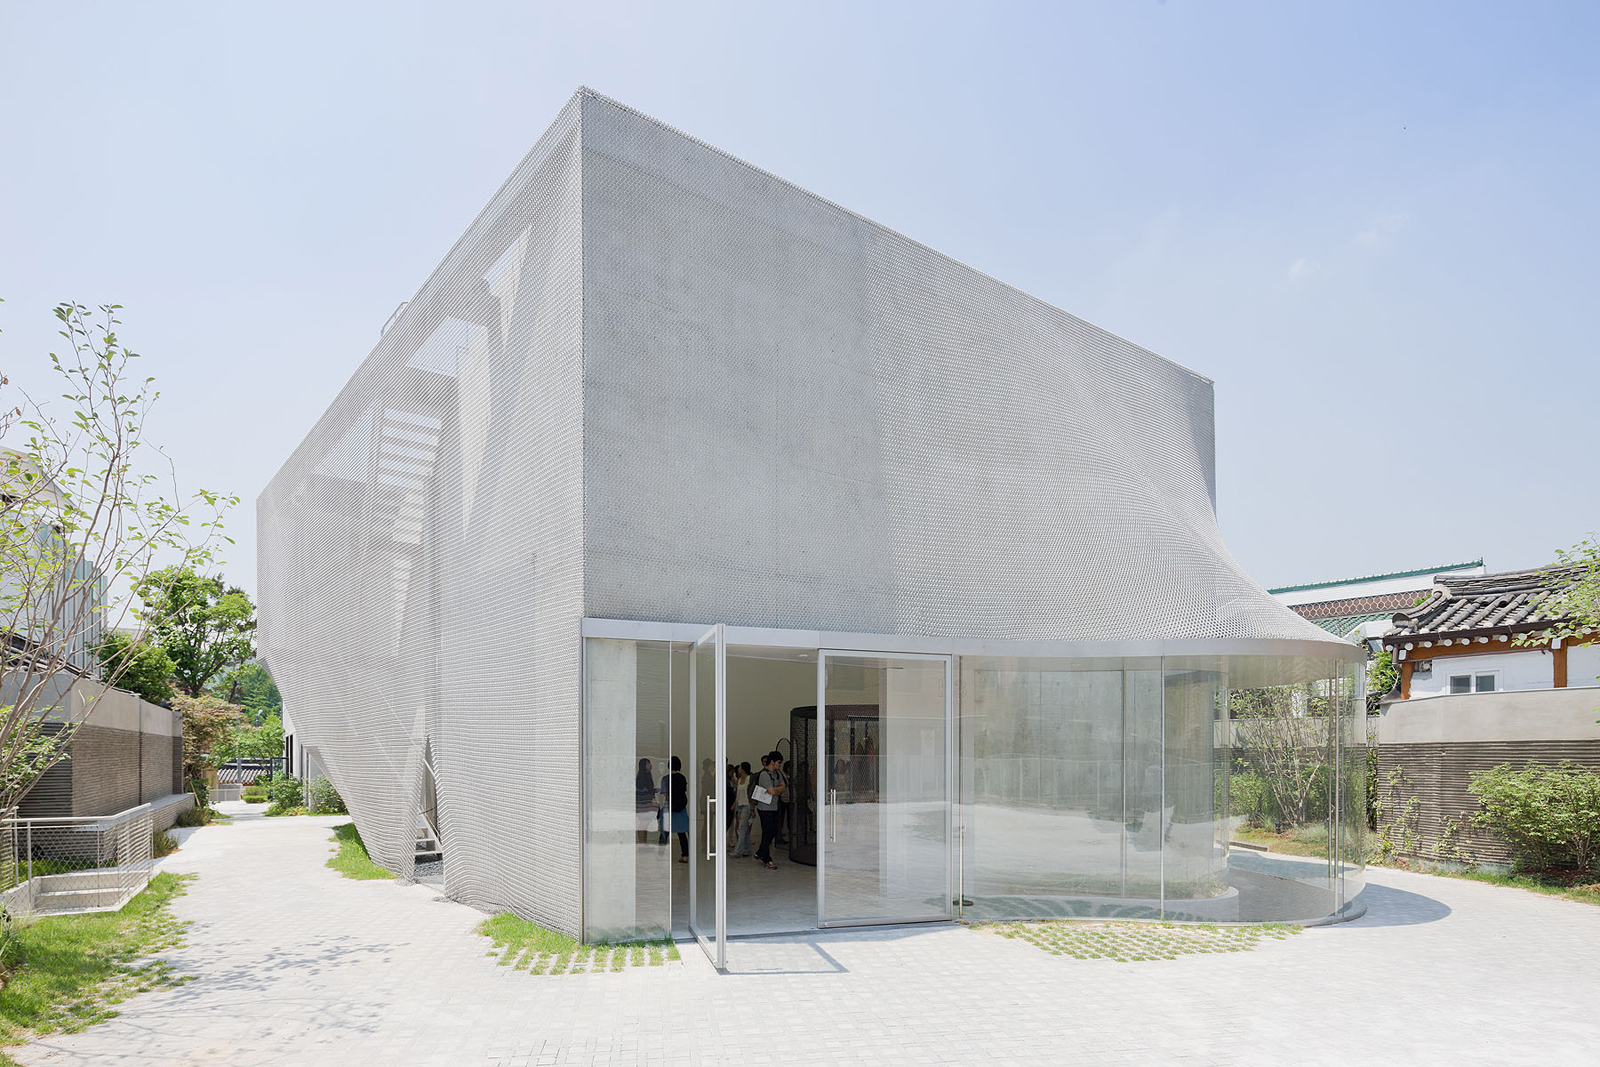 East entrance to Kukje Art Gallery by SO – IL